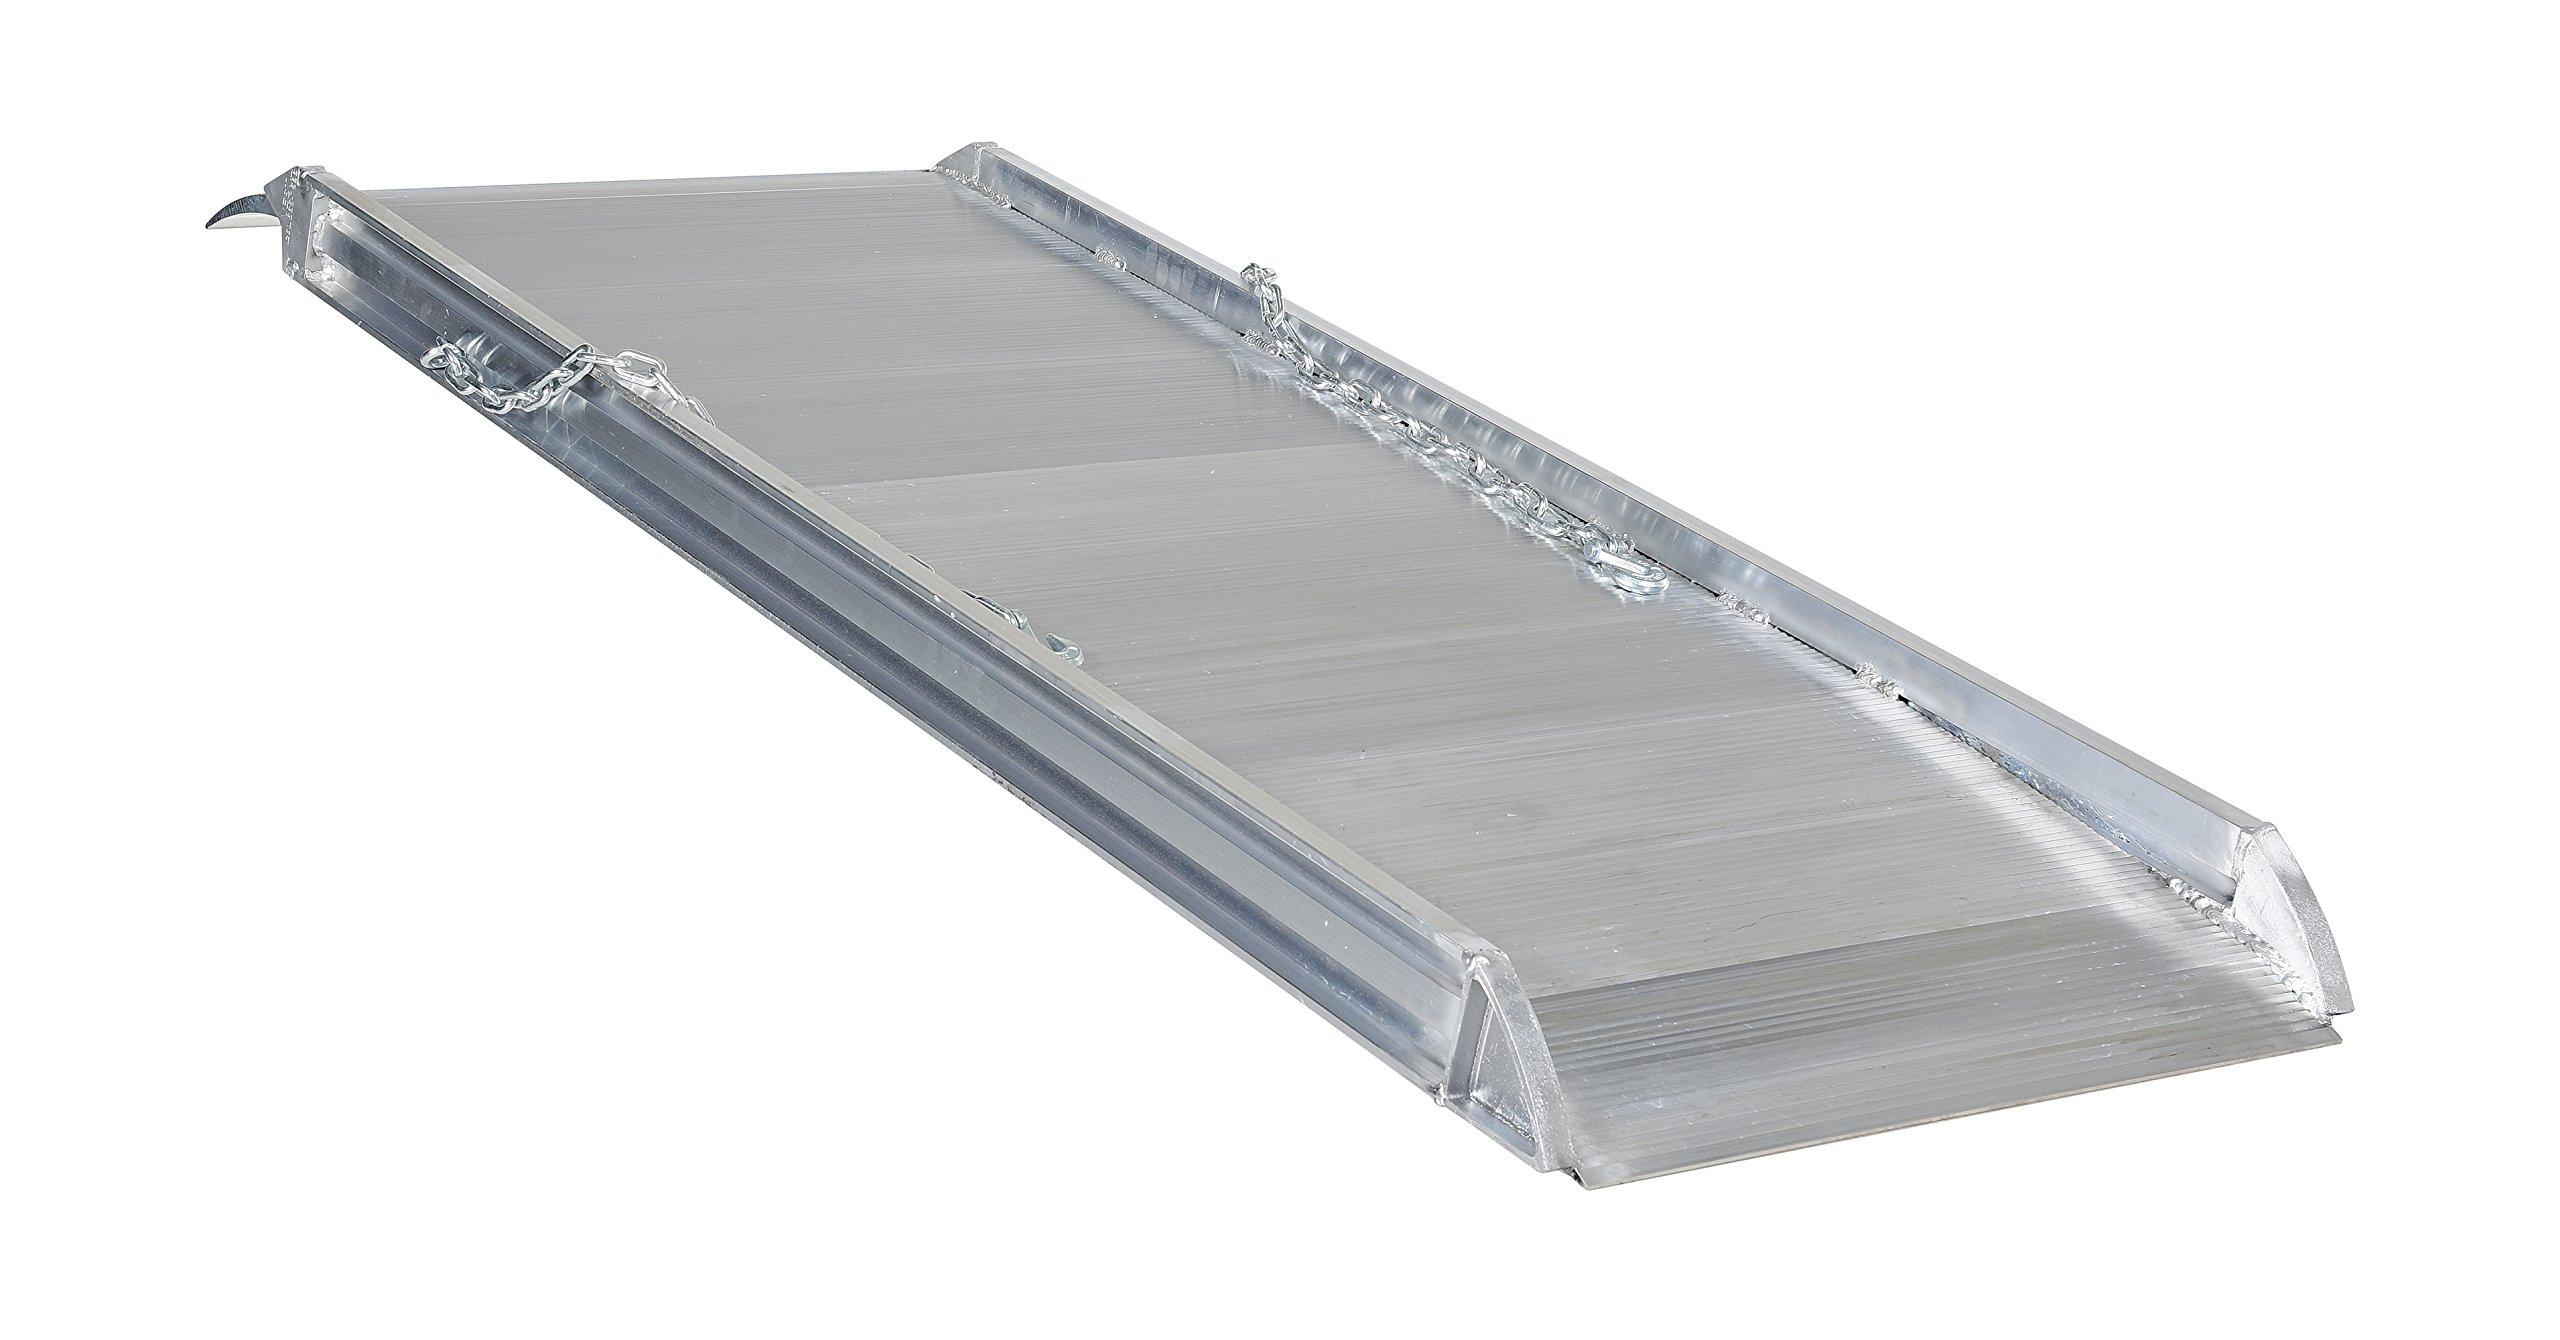 Vestil AWR-28-6A Aluminum Walk Ramp Overlap Style, 2800 lb., 72'' Length, 28'' Width, 4.75'' Height by Vestil